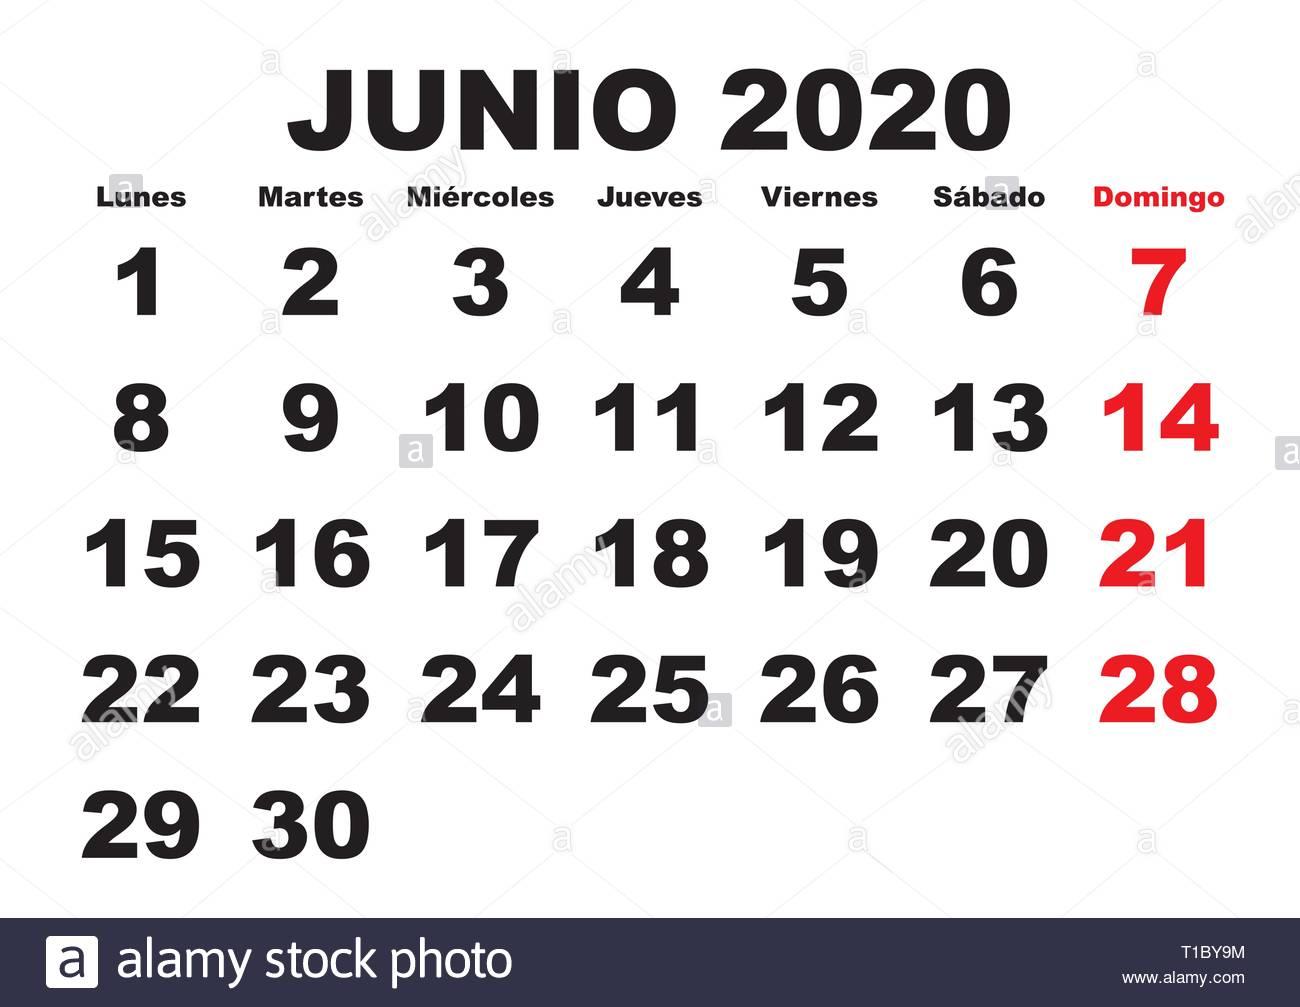 Calendario Chile 2020.Calendario 2020 Stock Photos Calendario 2020 Stock Images